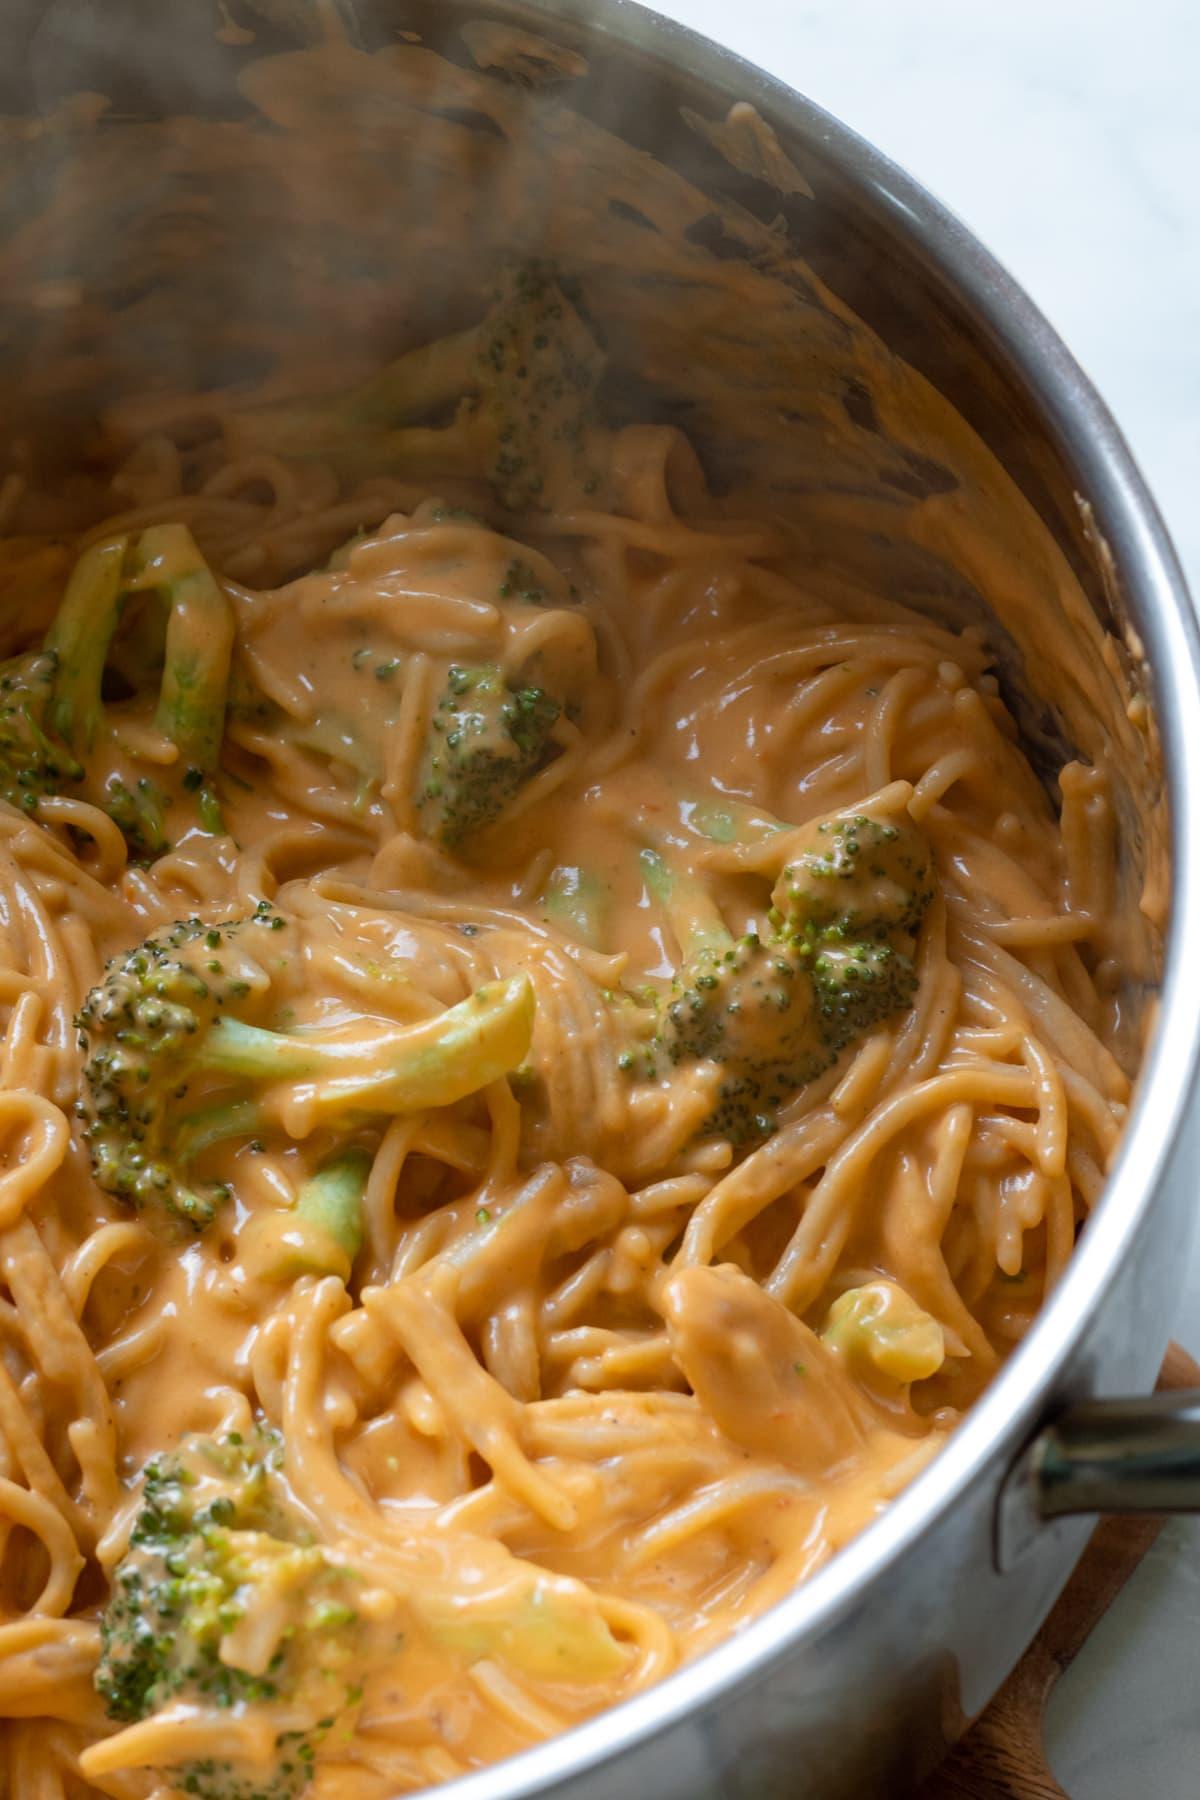 spaghetti and broccoli in vegan cheese sauce